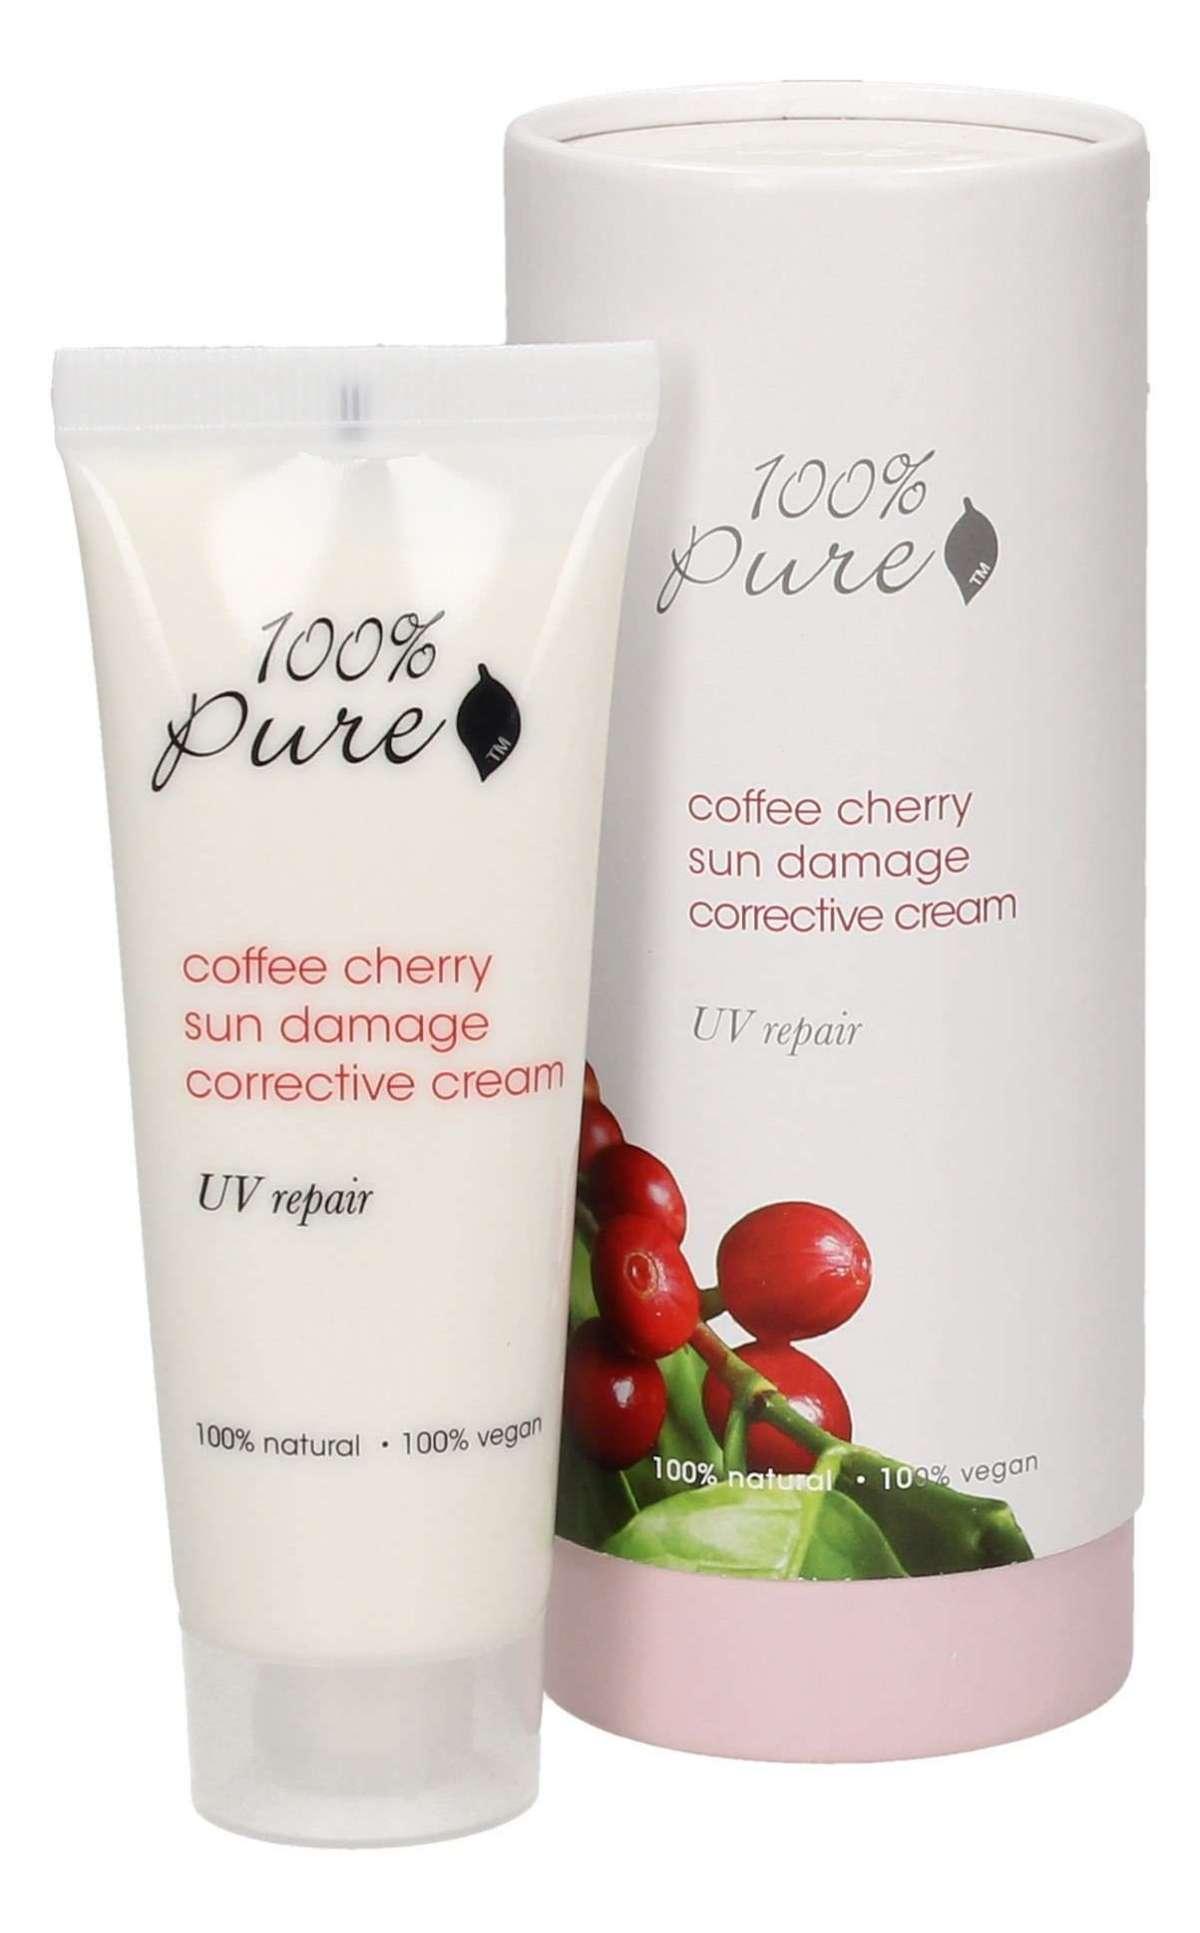 Crema 100% Pure correttiva e antiage